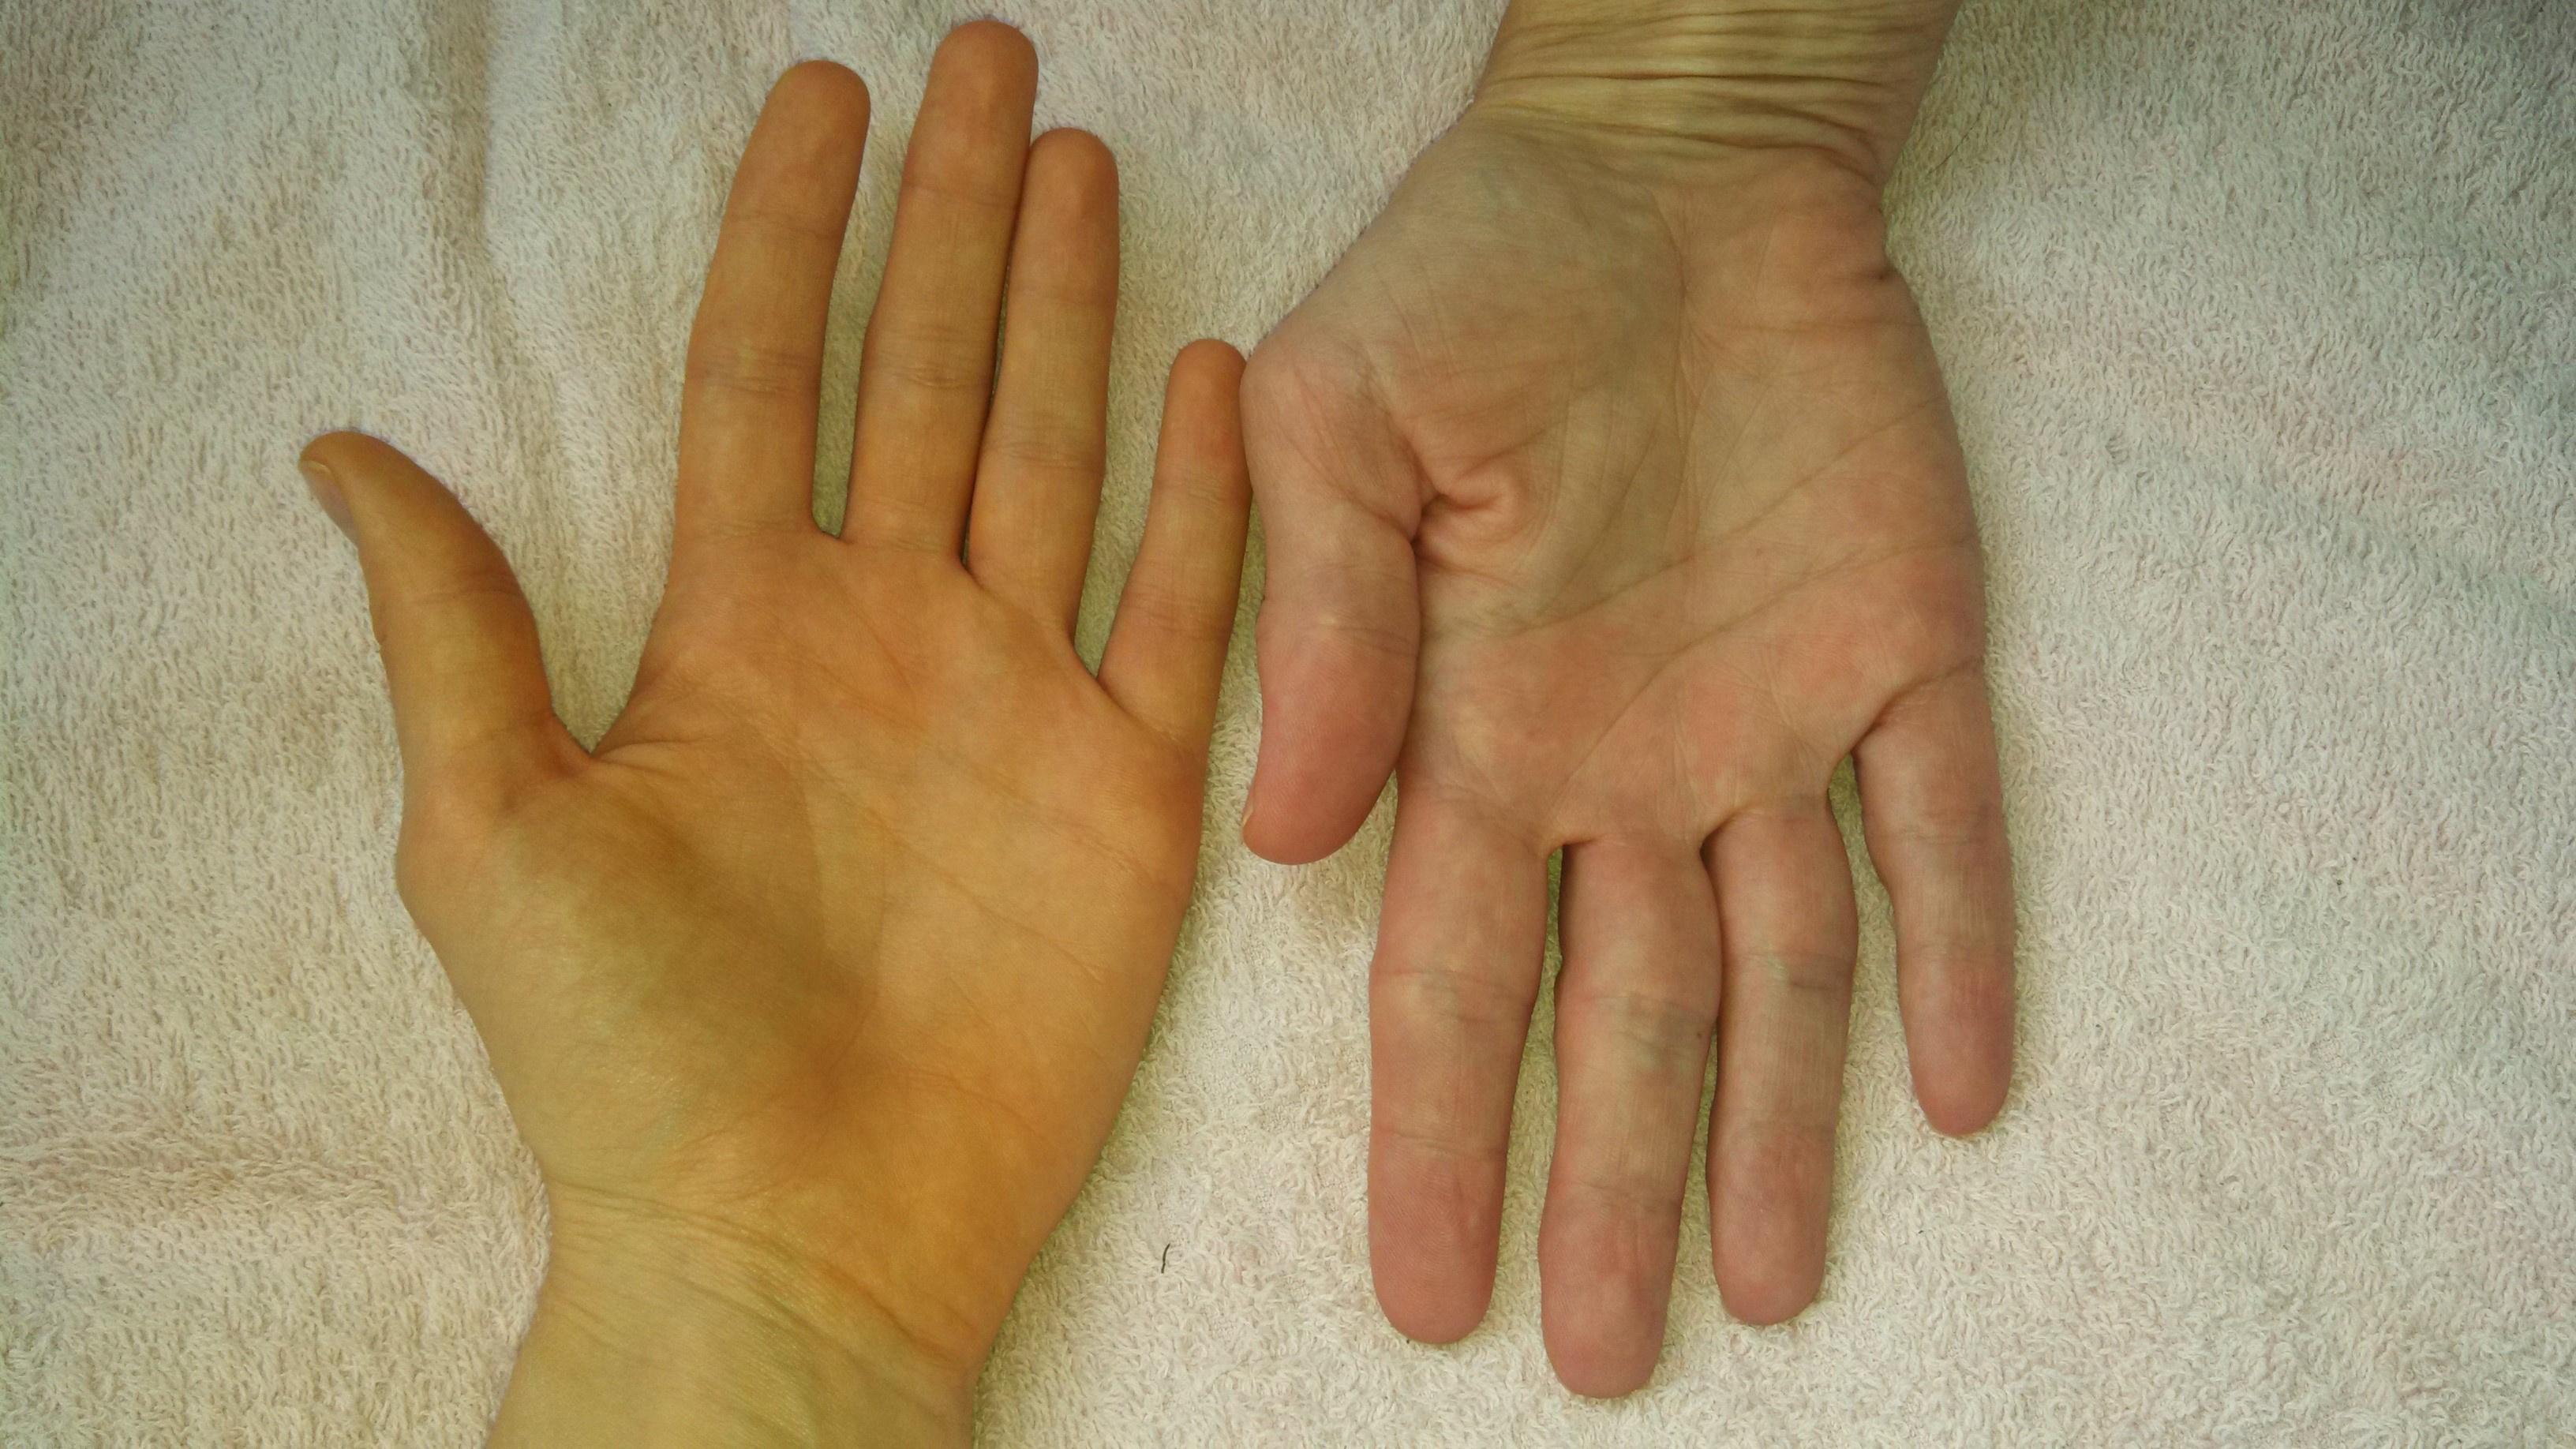 piros foltok az ujjakon fotó